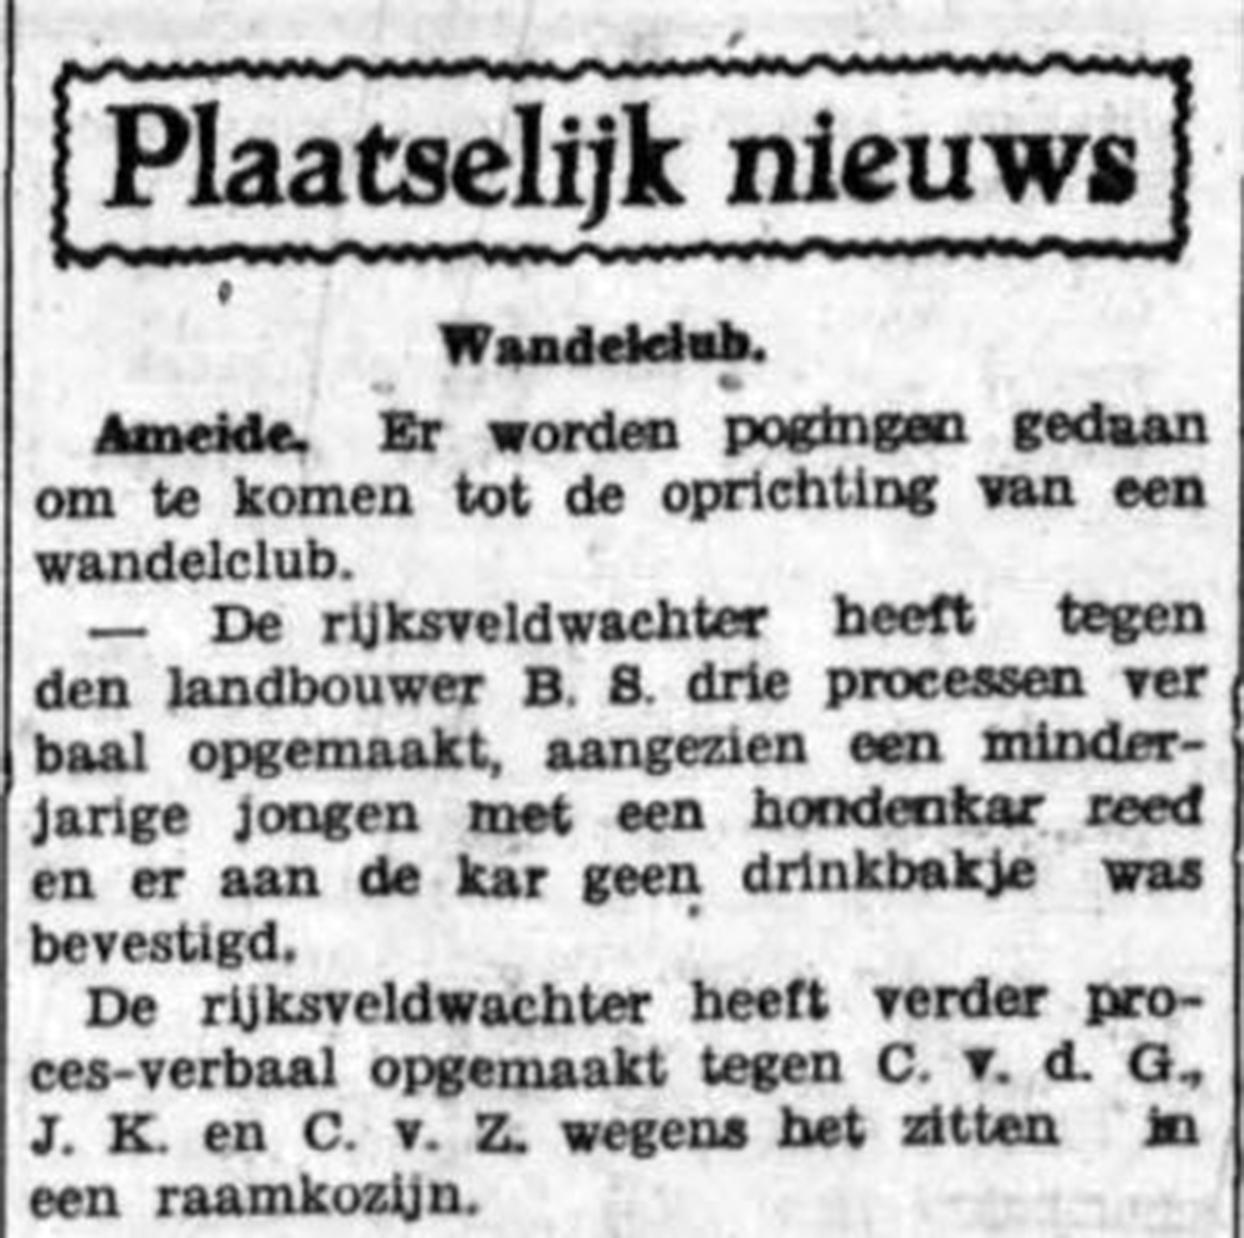 schoonhovensche-courant-06807-1937-05-10-artikel-02